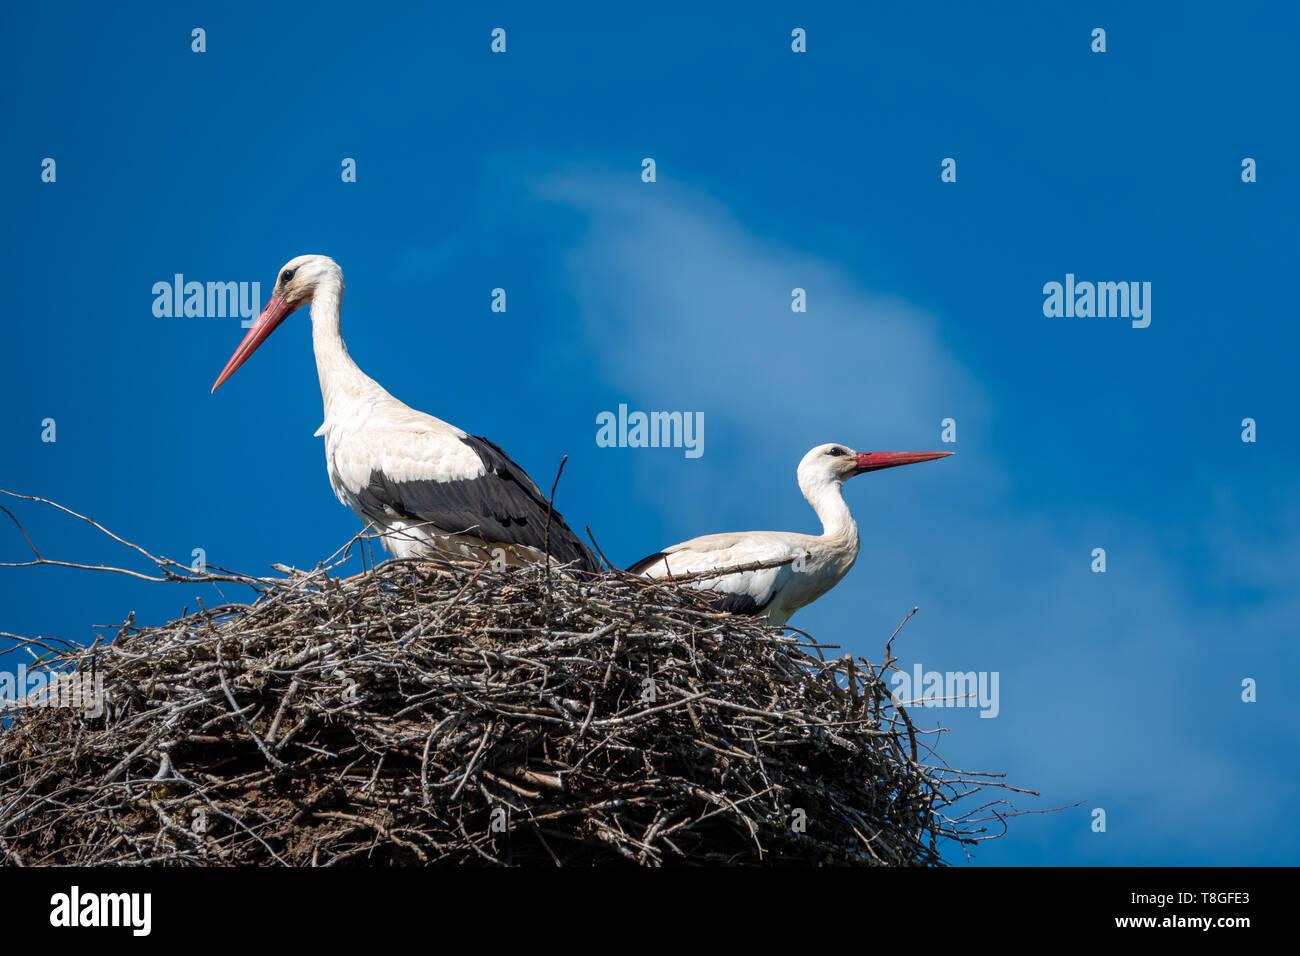 Ein paar Störche stehen in einem Nest, wenn das Wetter schön ist und der Himmel ist blau Stockfoto